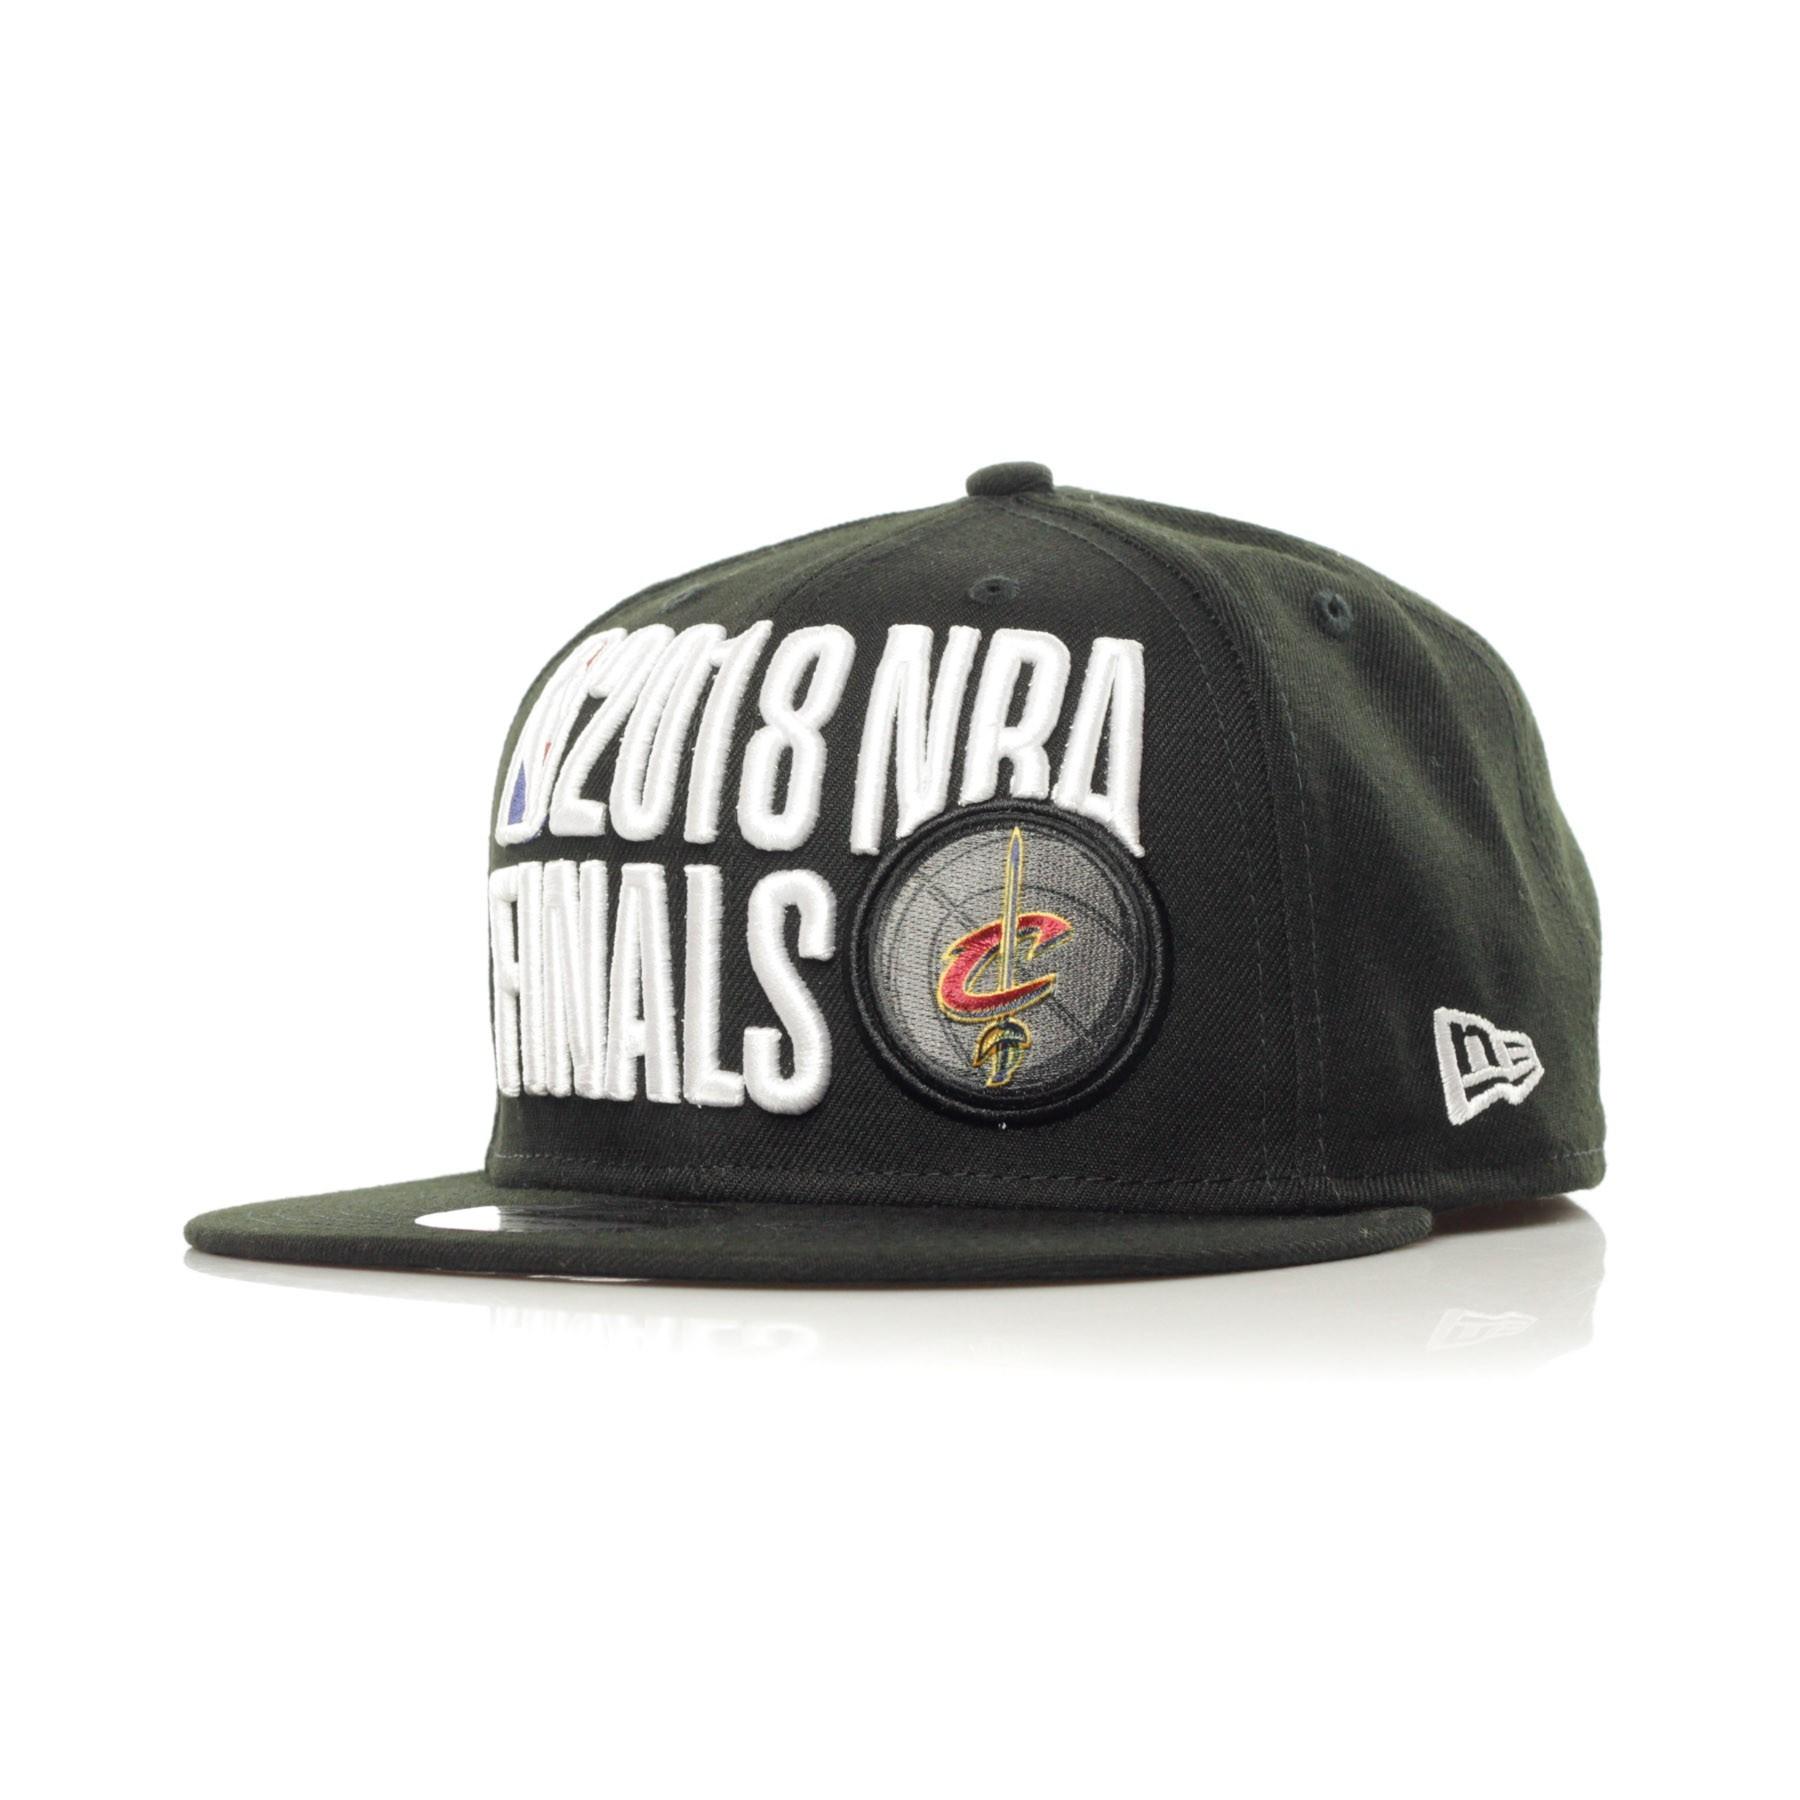 NEW ERA. CAPPELLO SNAPBACK 950 18 NBA FINALS CLECAV d04c30ec3730